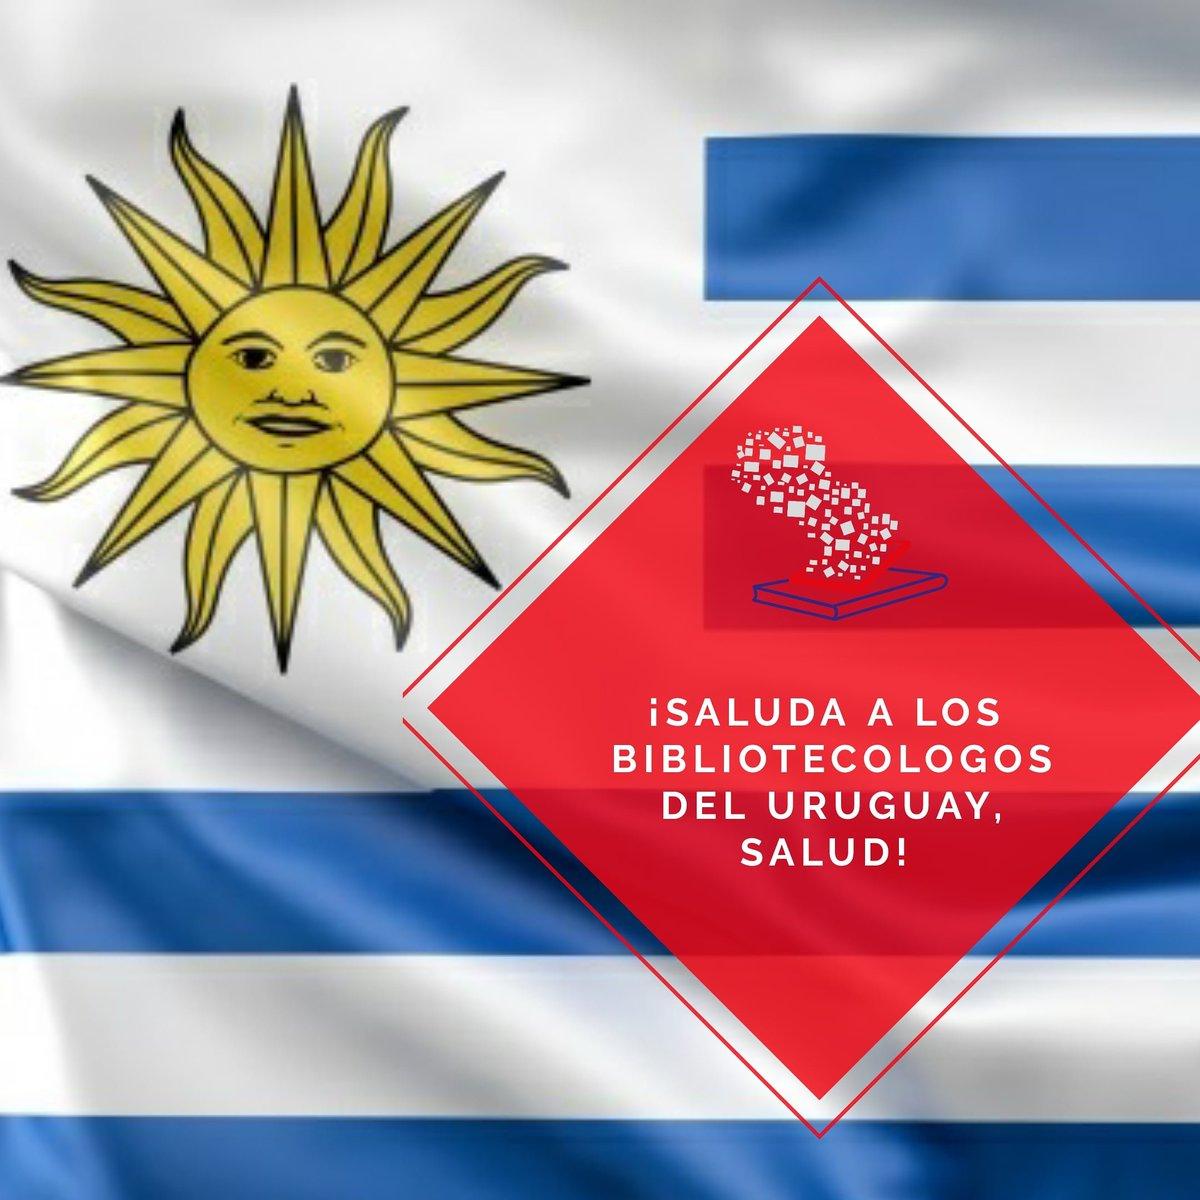 3 de setiembre Día del Bibliotecologo de Uruguay. https://t.co/9pTDKov3aT